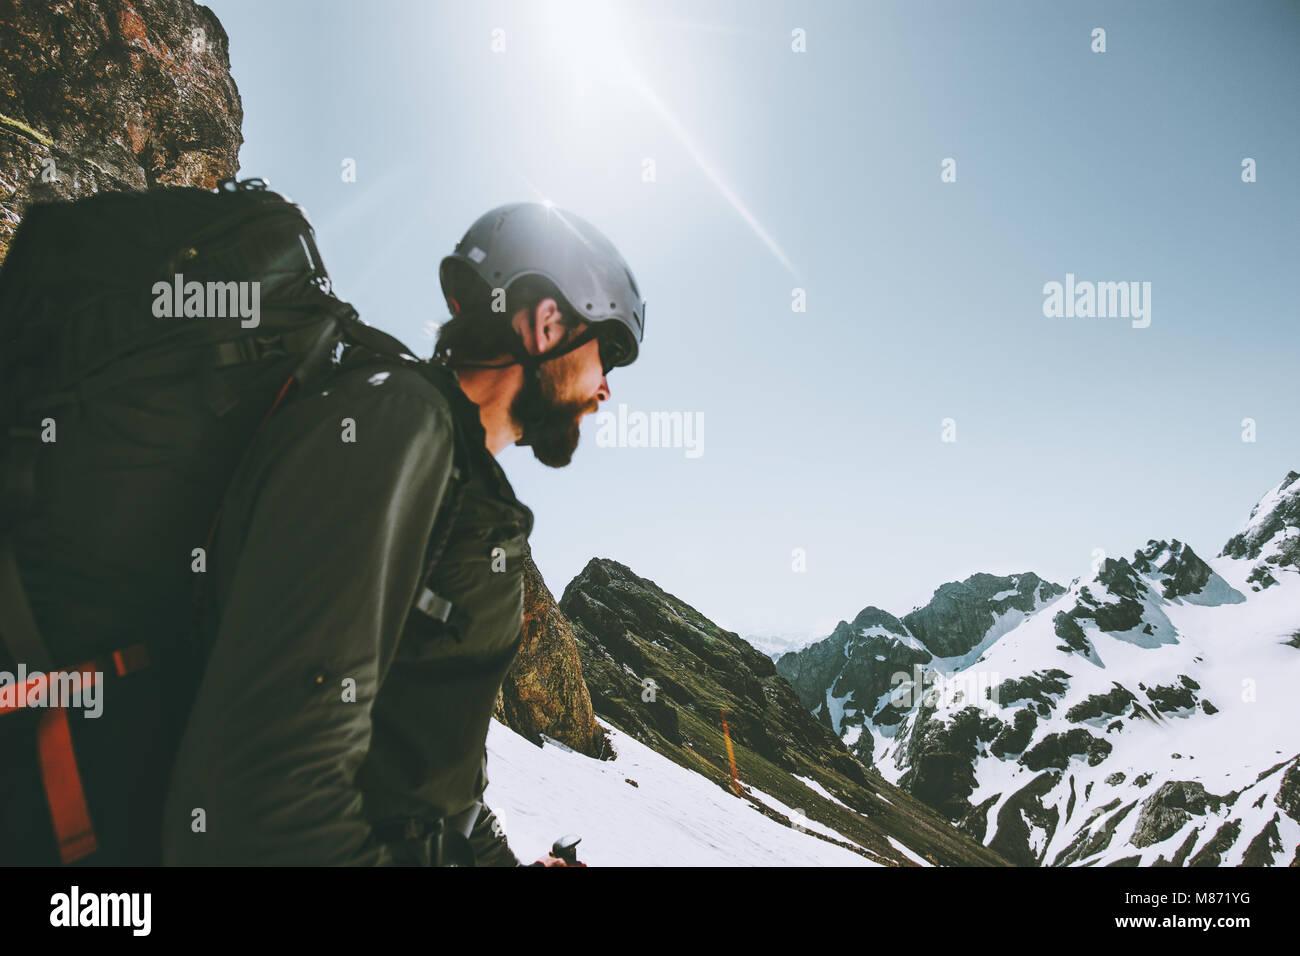 L'aventurier de l'homme en montagne escalade aventure voyage concept de vie actif en plein air vacances Photo Stock